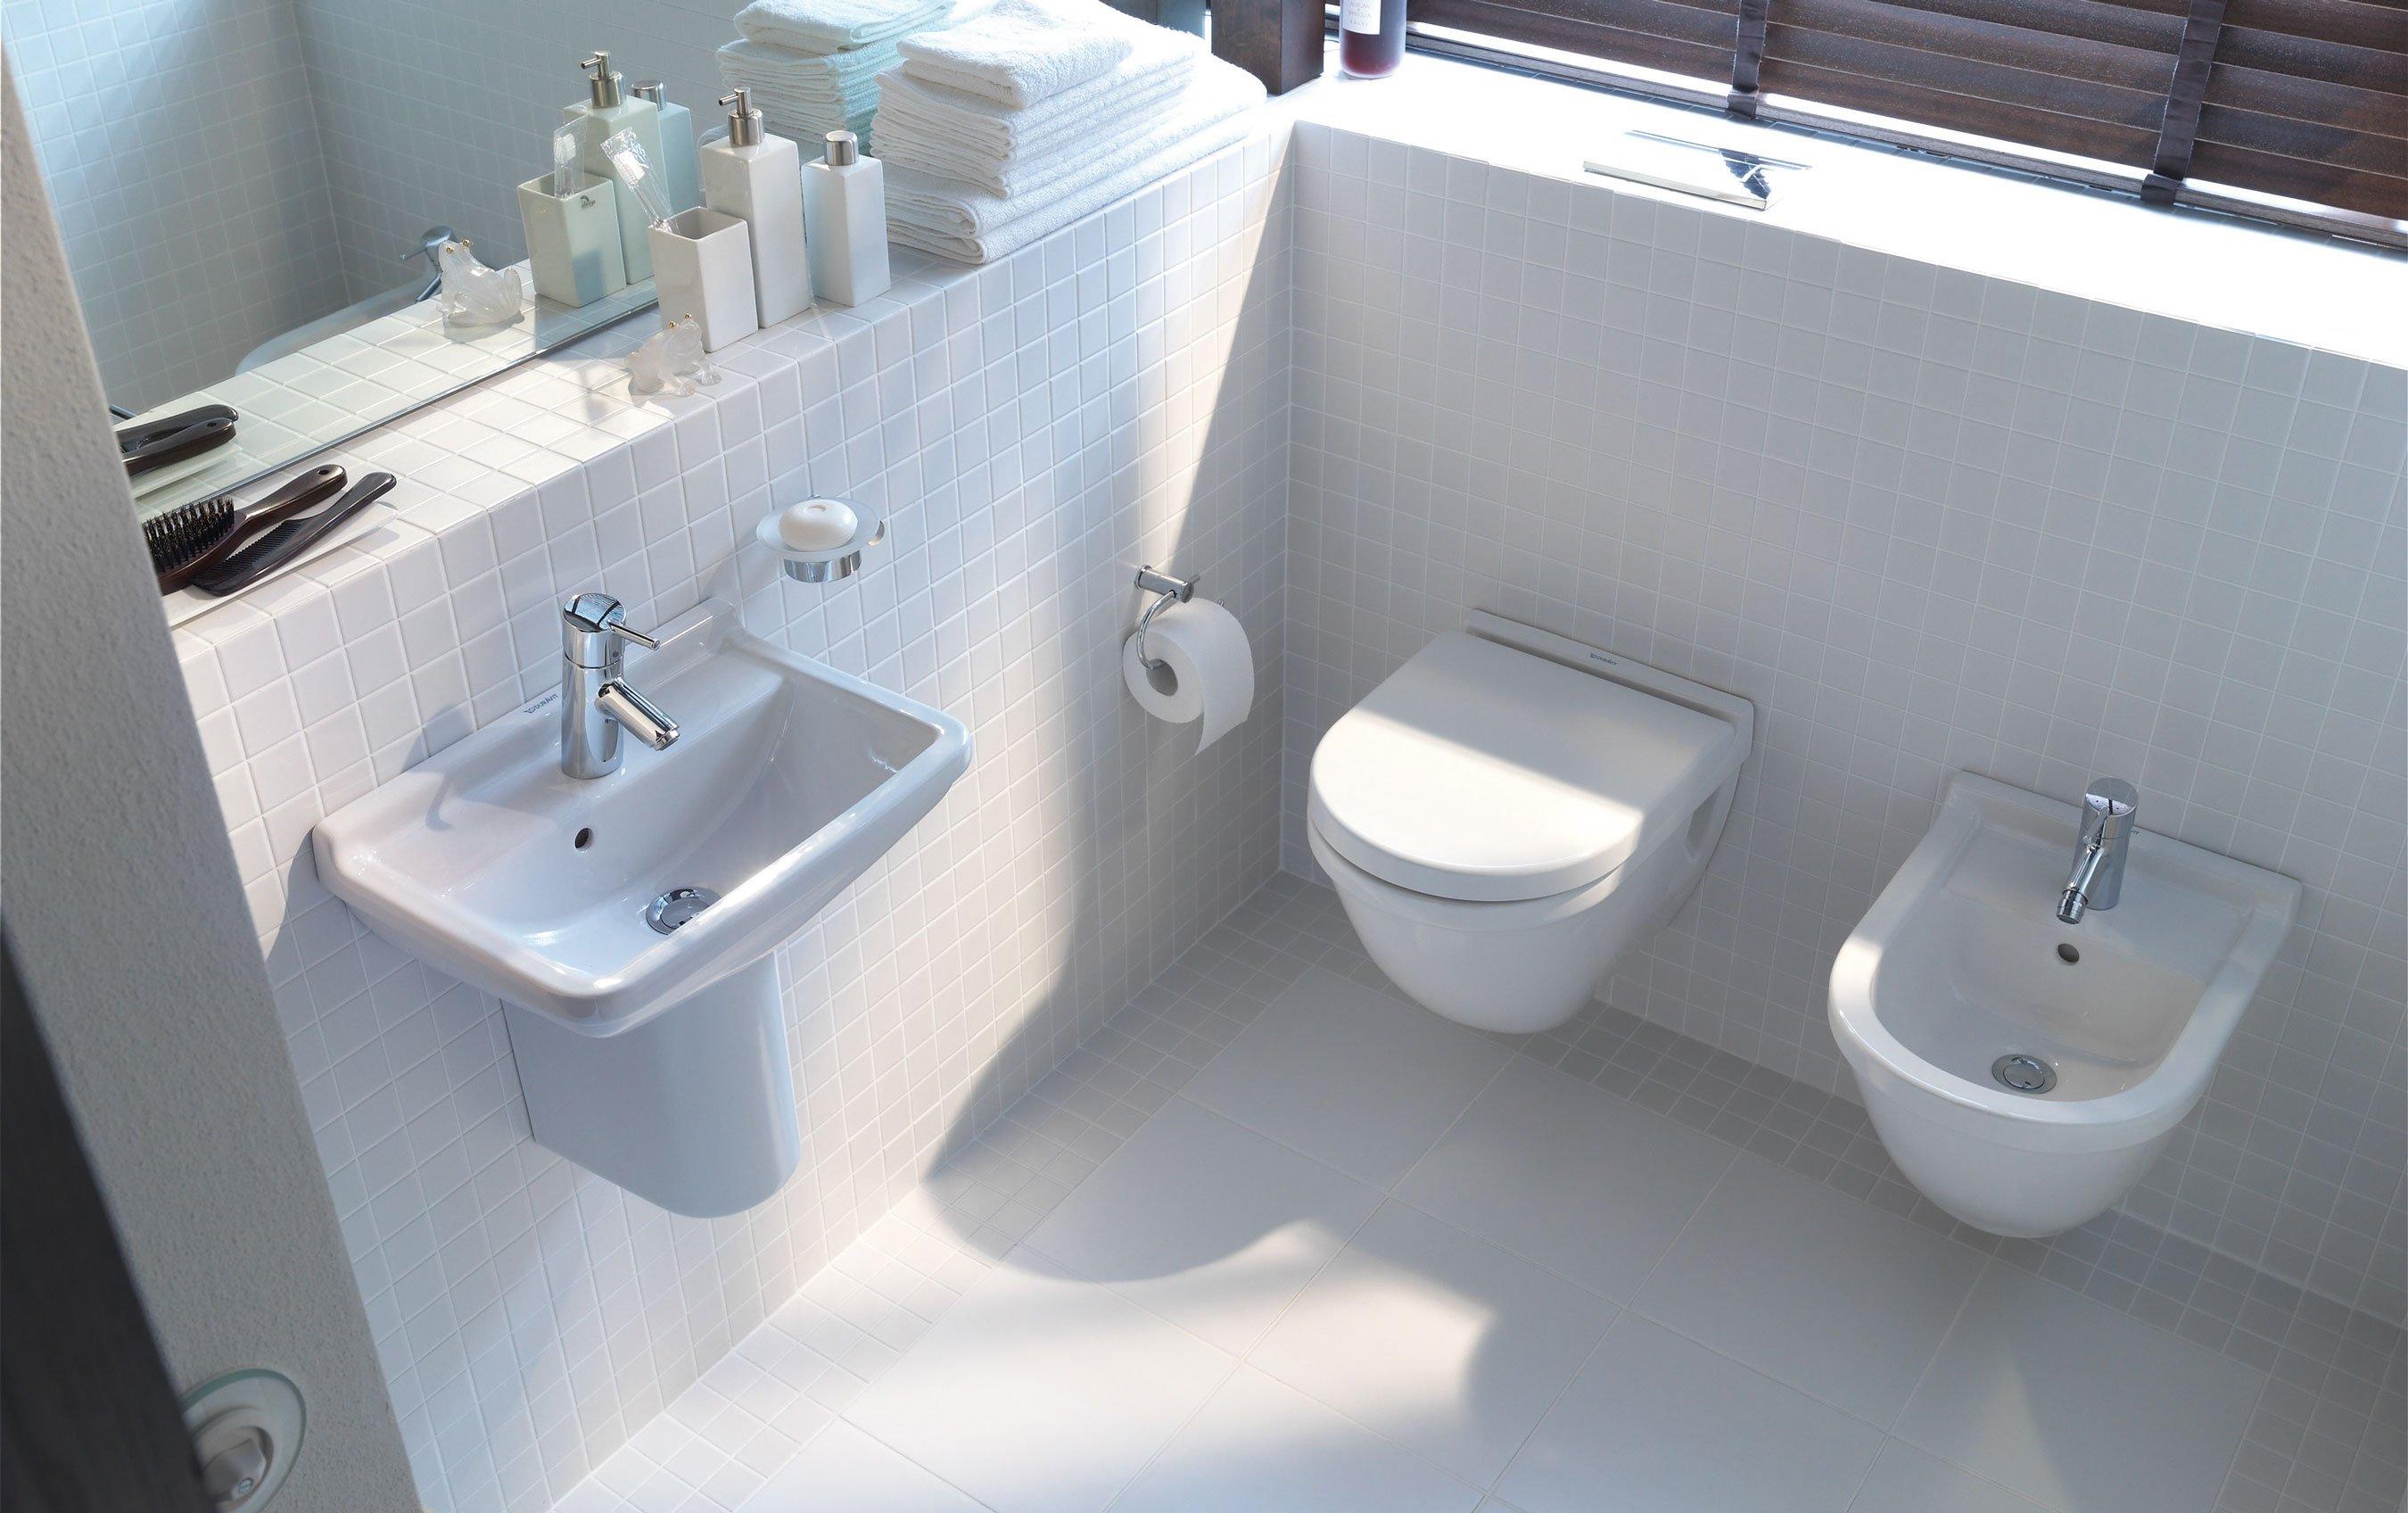 Sanitari sospesi e salvaspazio cose di casa - Misure scarichi sanitari bagno ...